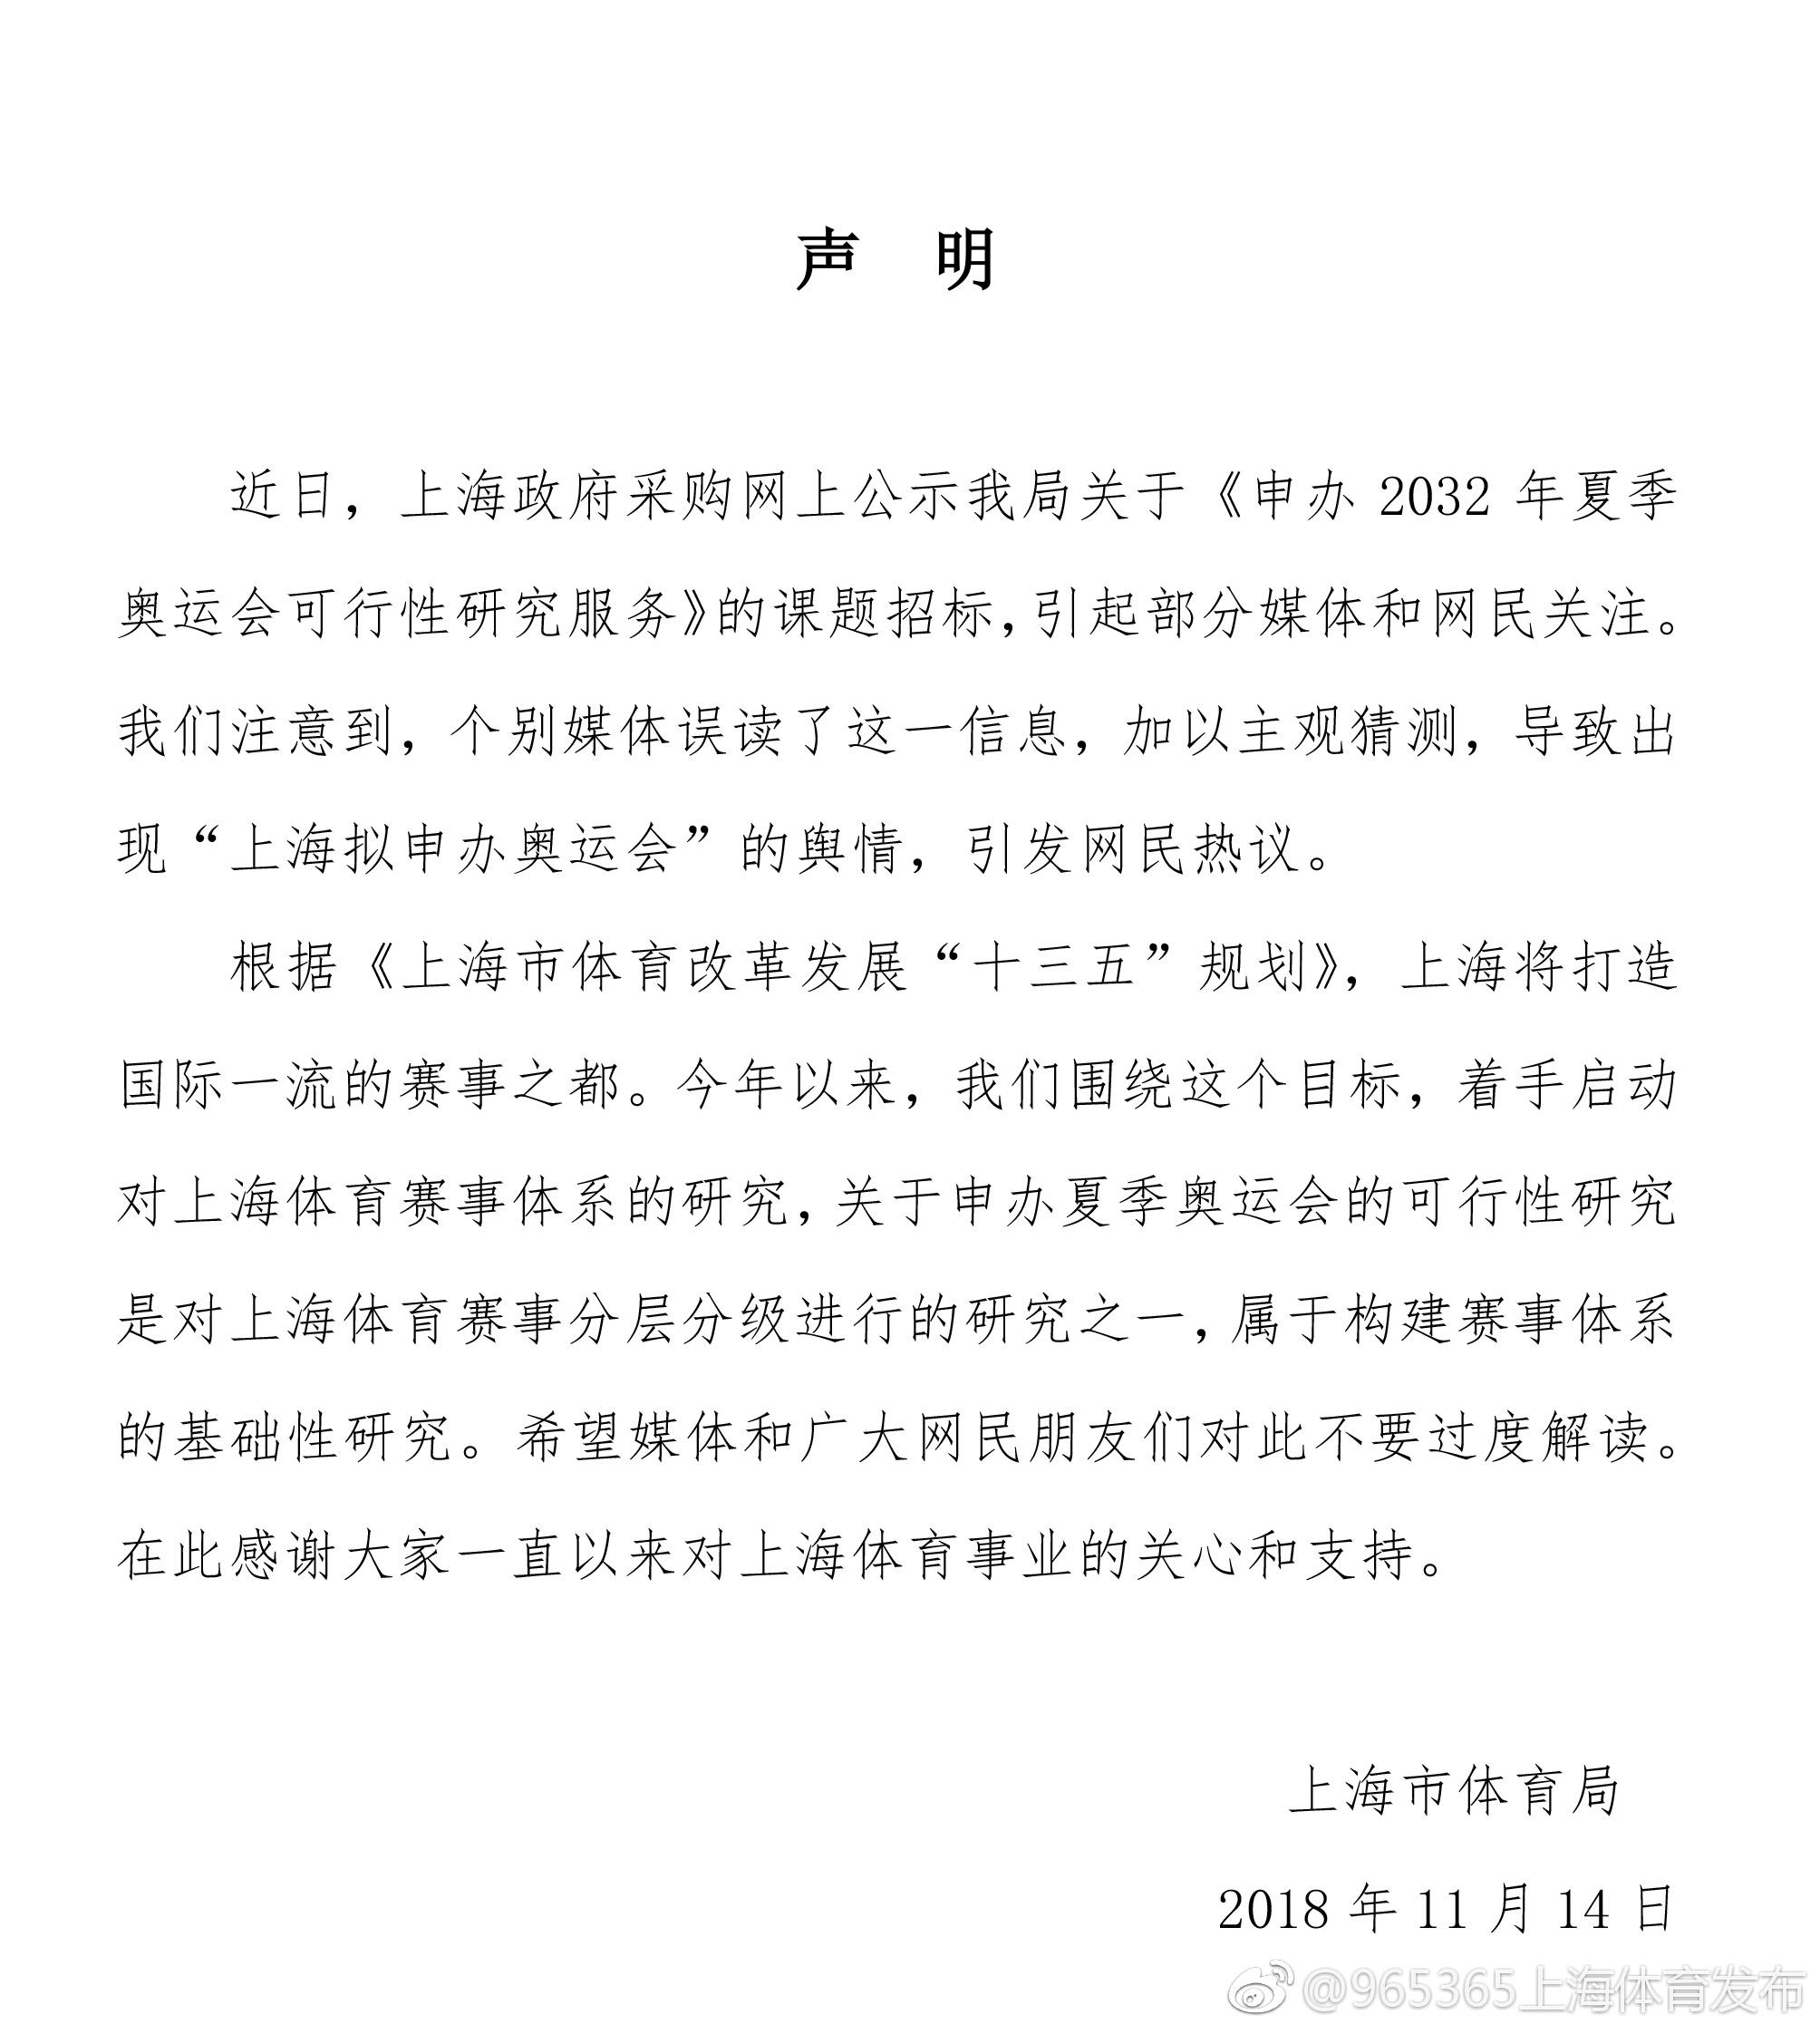 上海市体育局:上海拟申办2032年夏季奥运会消息系误读